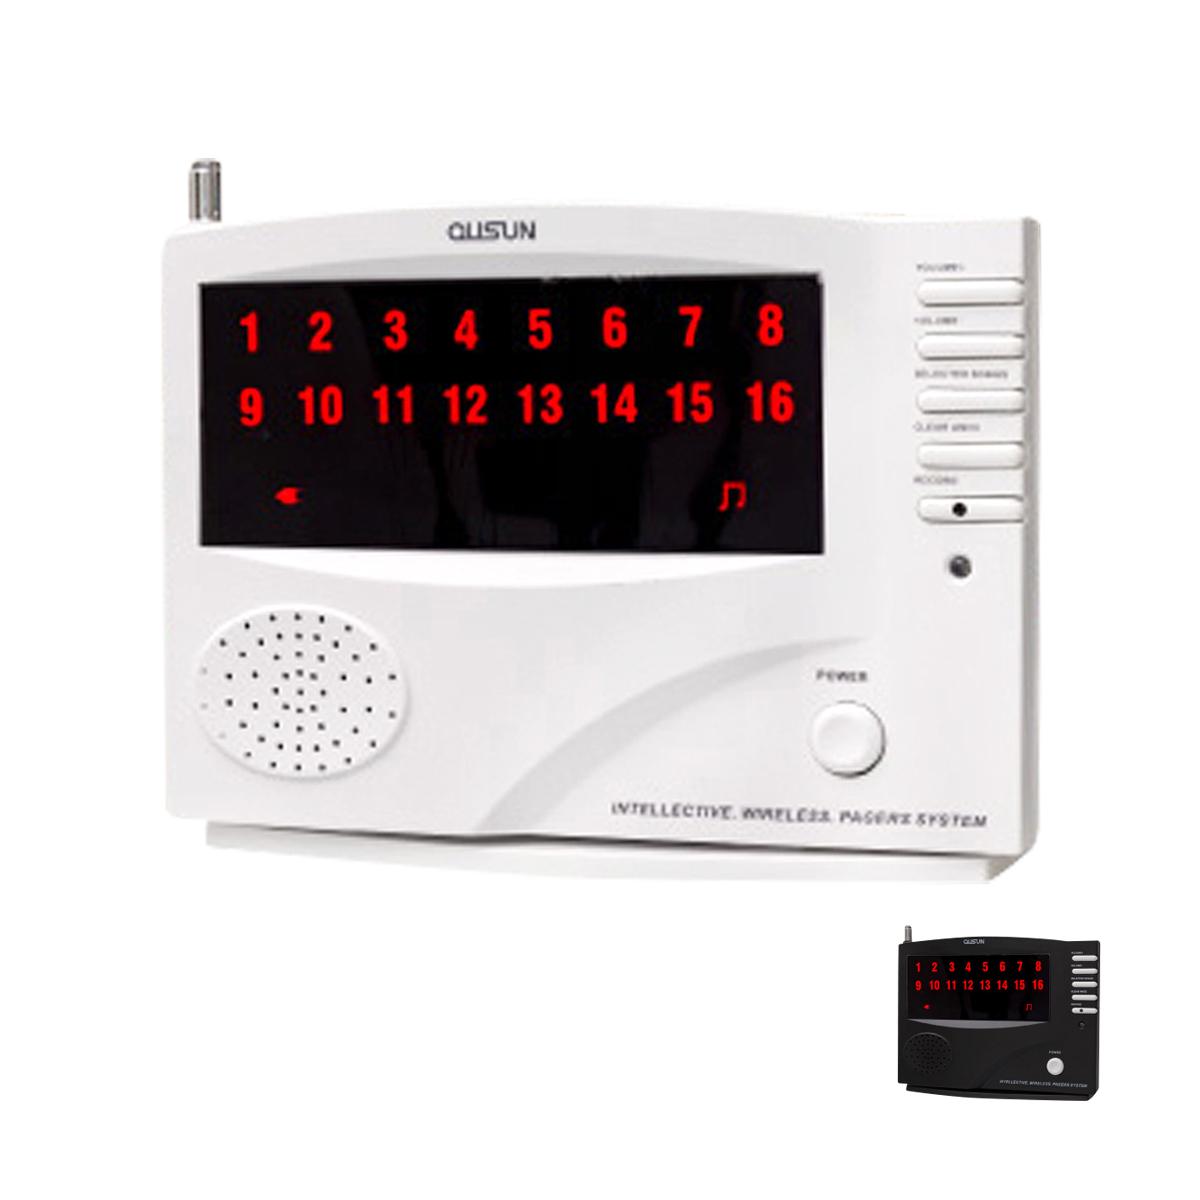 ワイヤレスチャイム コードレスチャイム 業務用 16ch 増設用 親機 単品 選べる ホワイト ブラック 最大登録16ch 店舗用 インターホン 呼び鈴 呼び出しチャイム 受信機 @72001